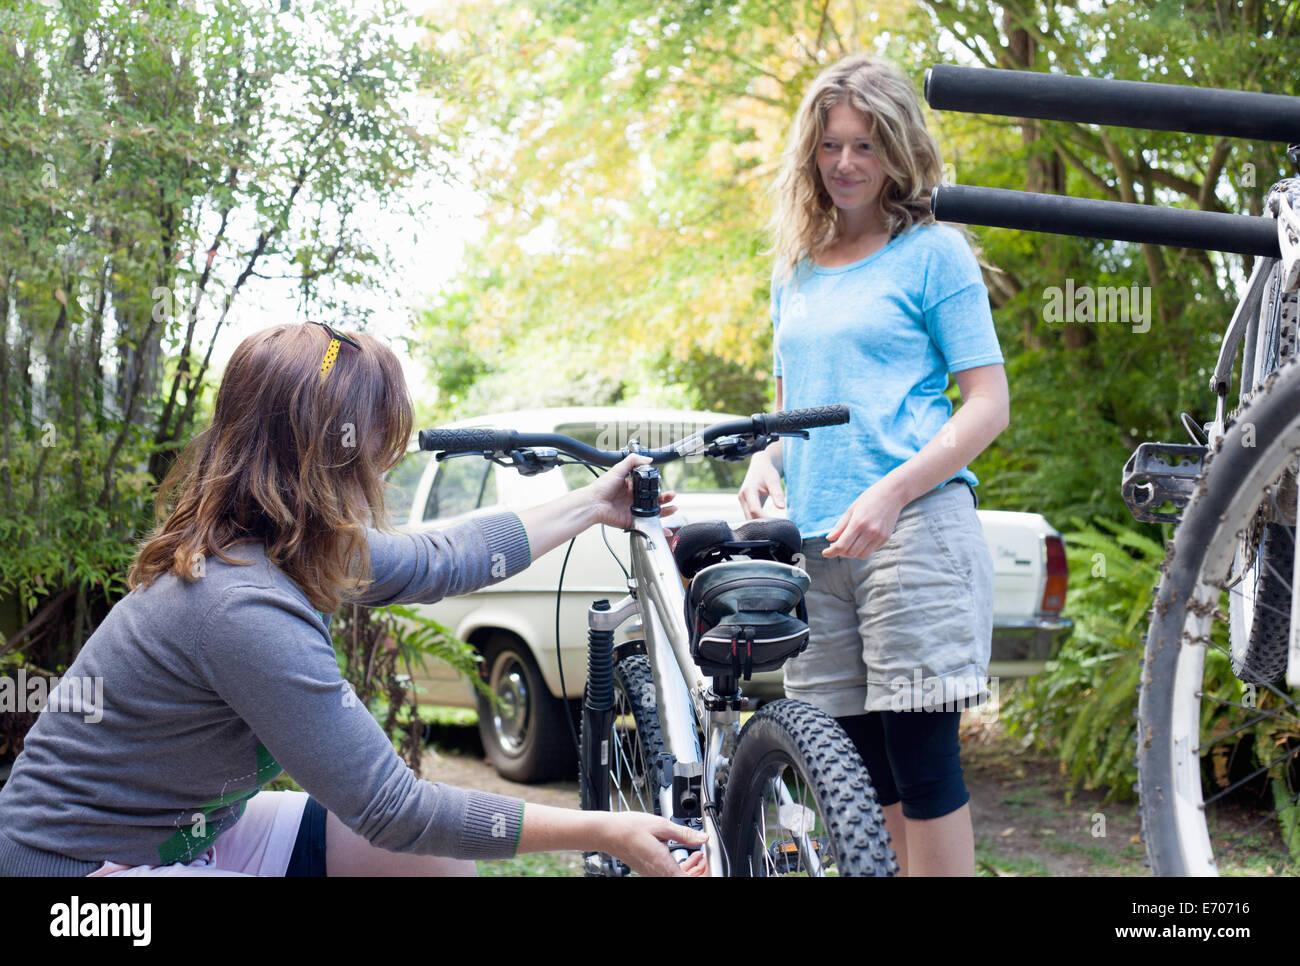 Deux femmes cyclistes de montagne contrôle de cycles en forêt Photo Stock